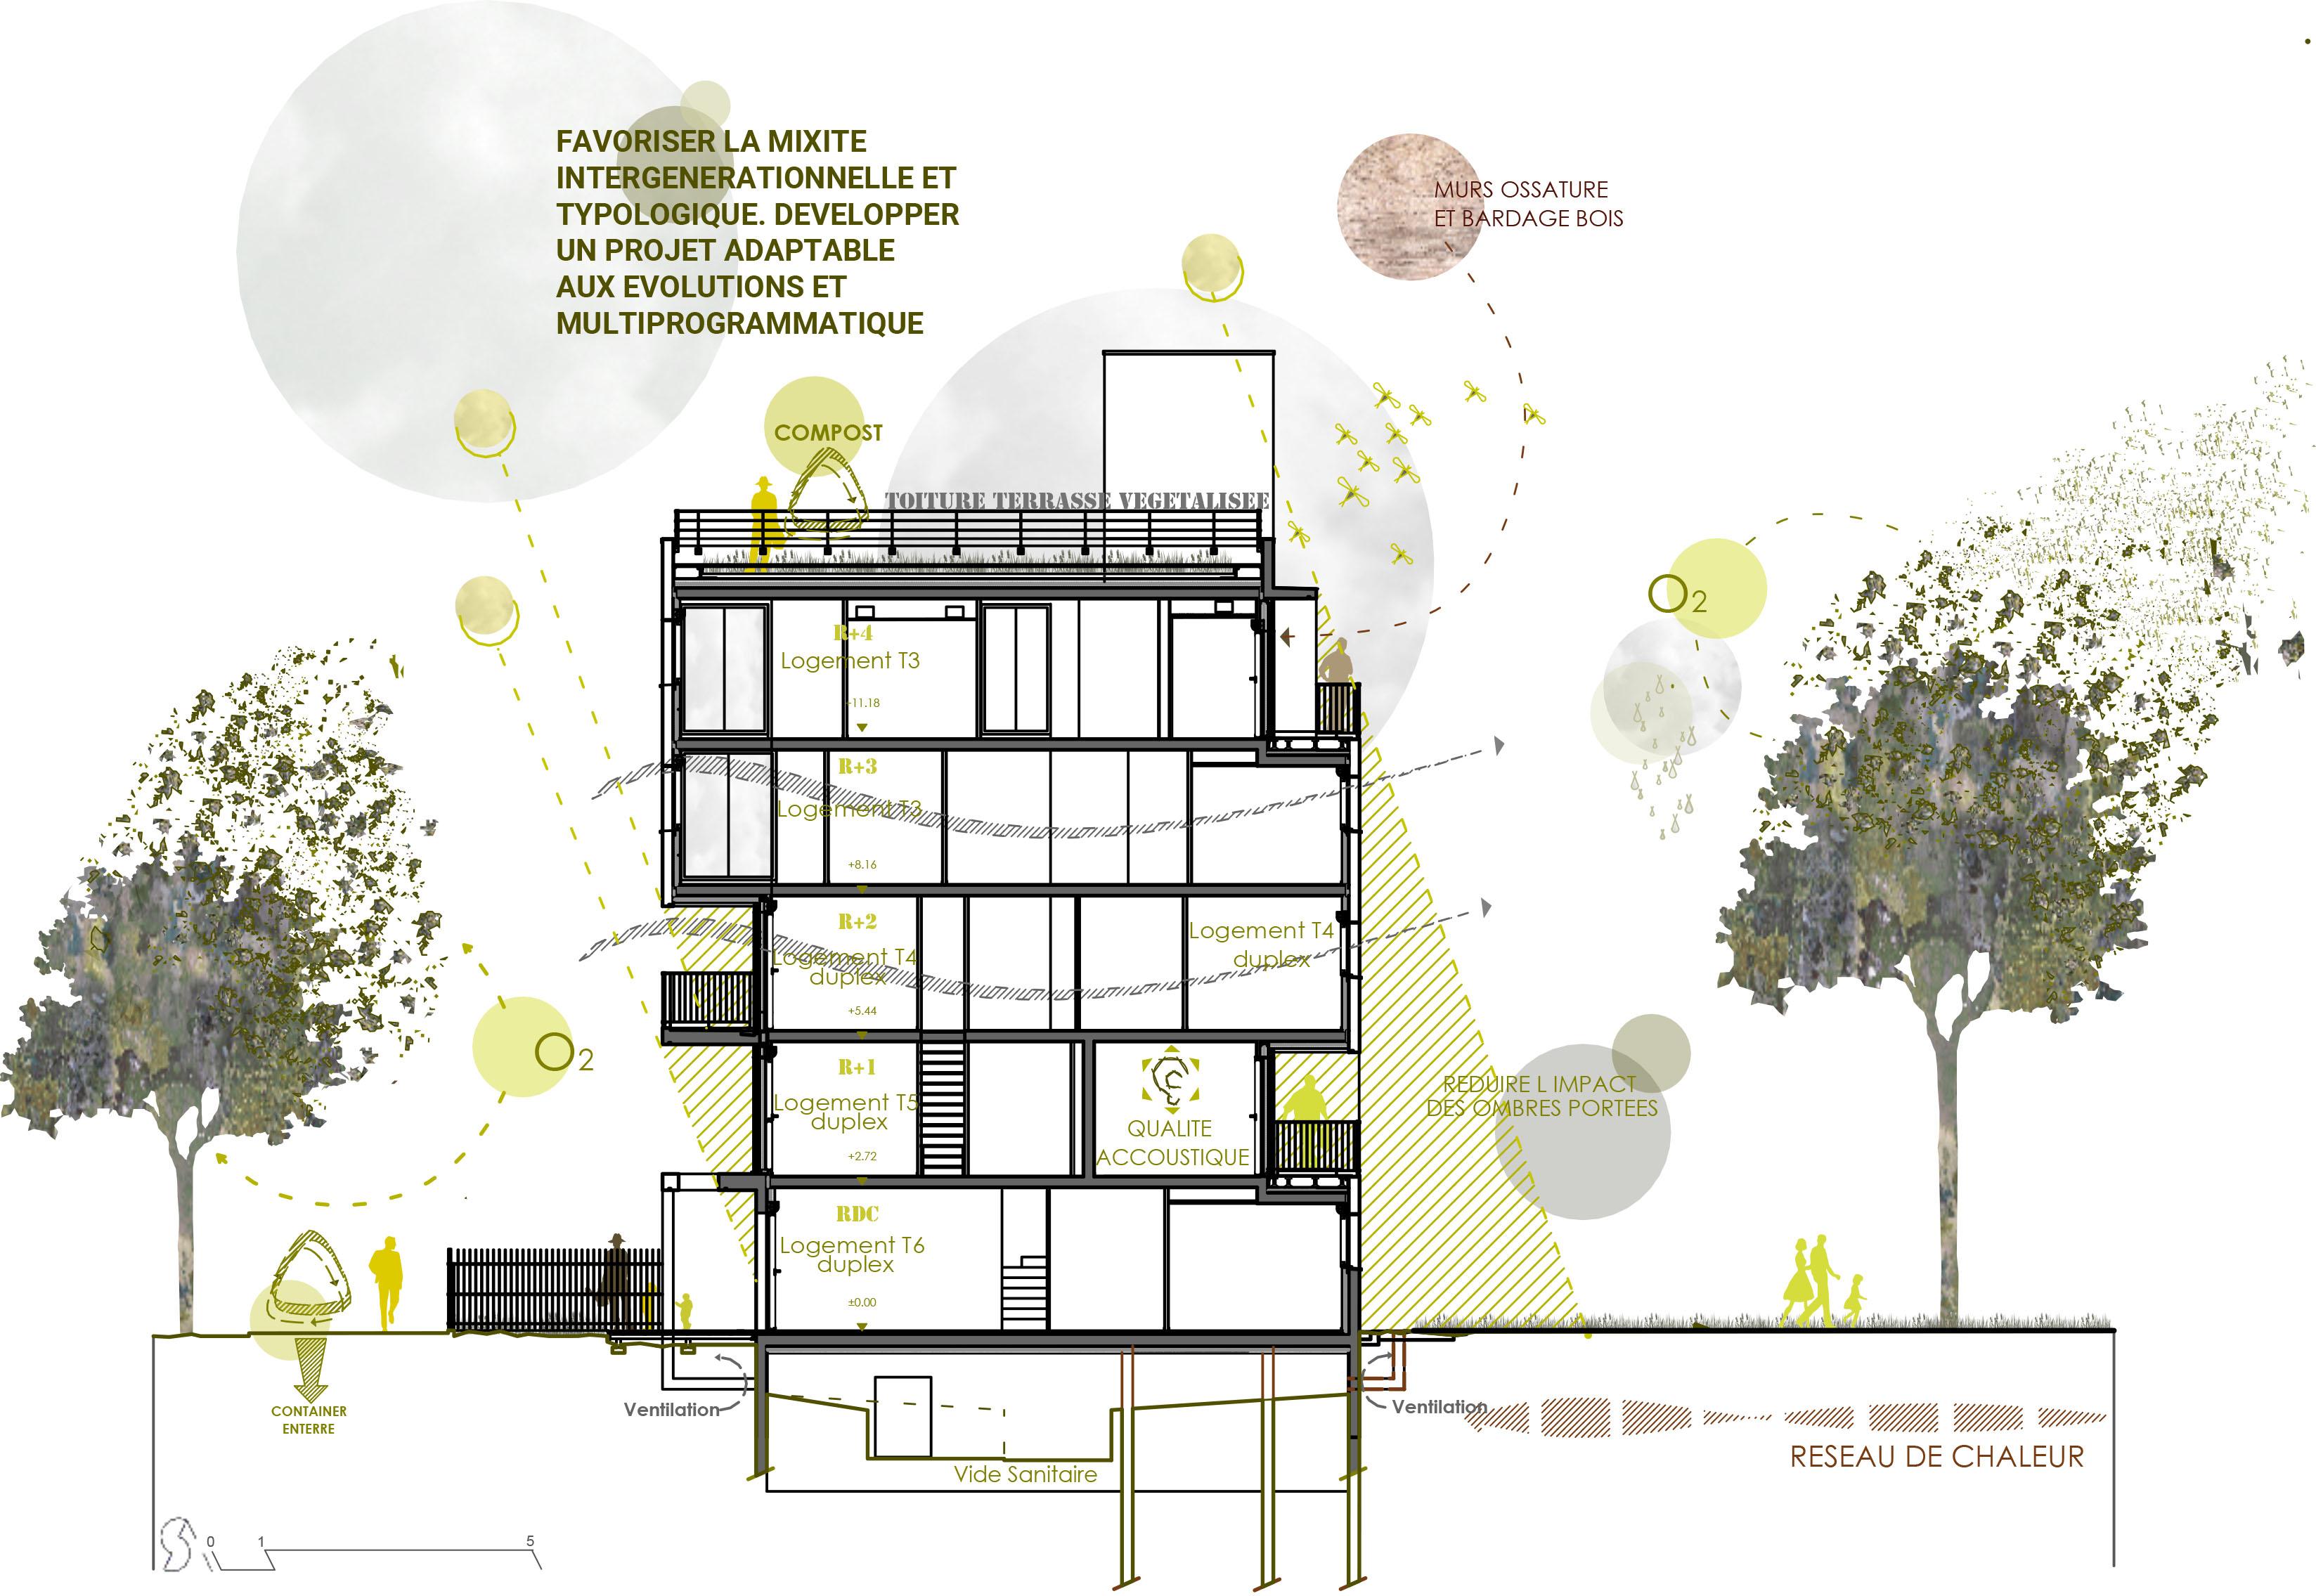 Coupe bioclimatique de l'immeuble de logements coopératifs Abricoop à Toulouse, quartier La Cartoucherie